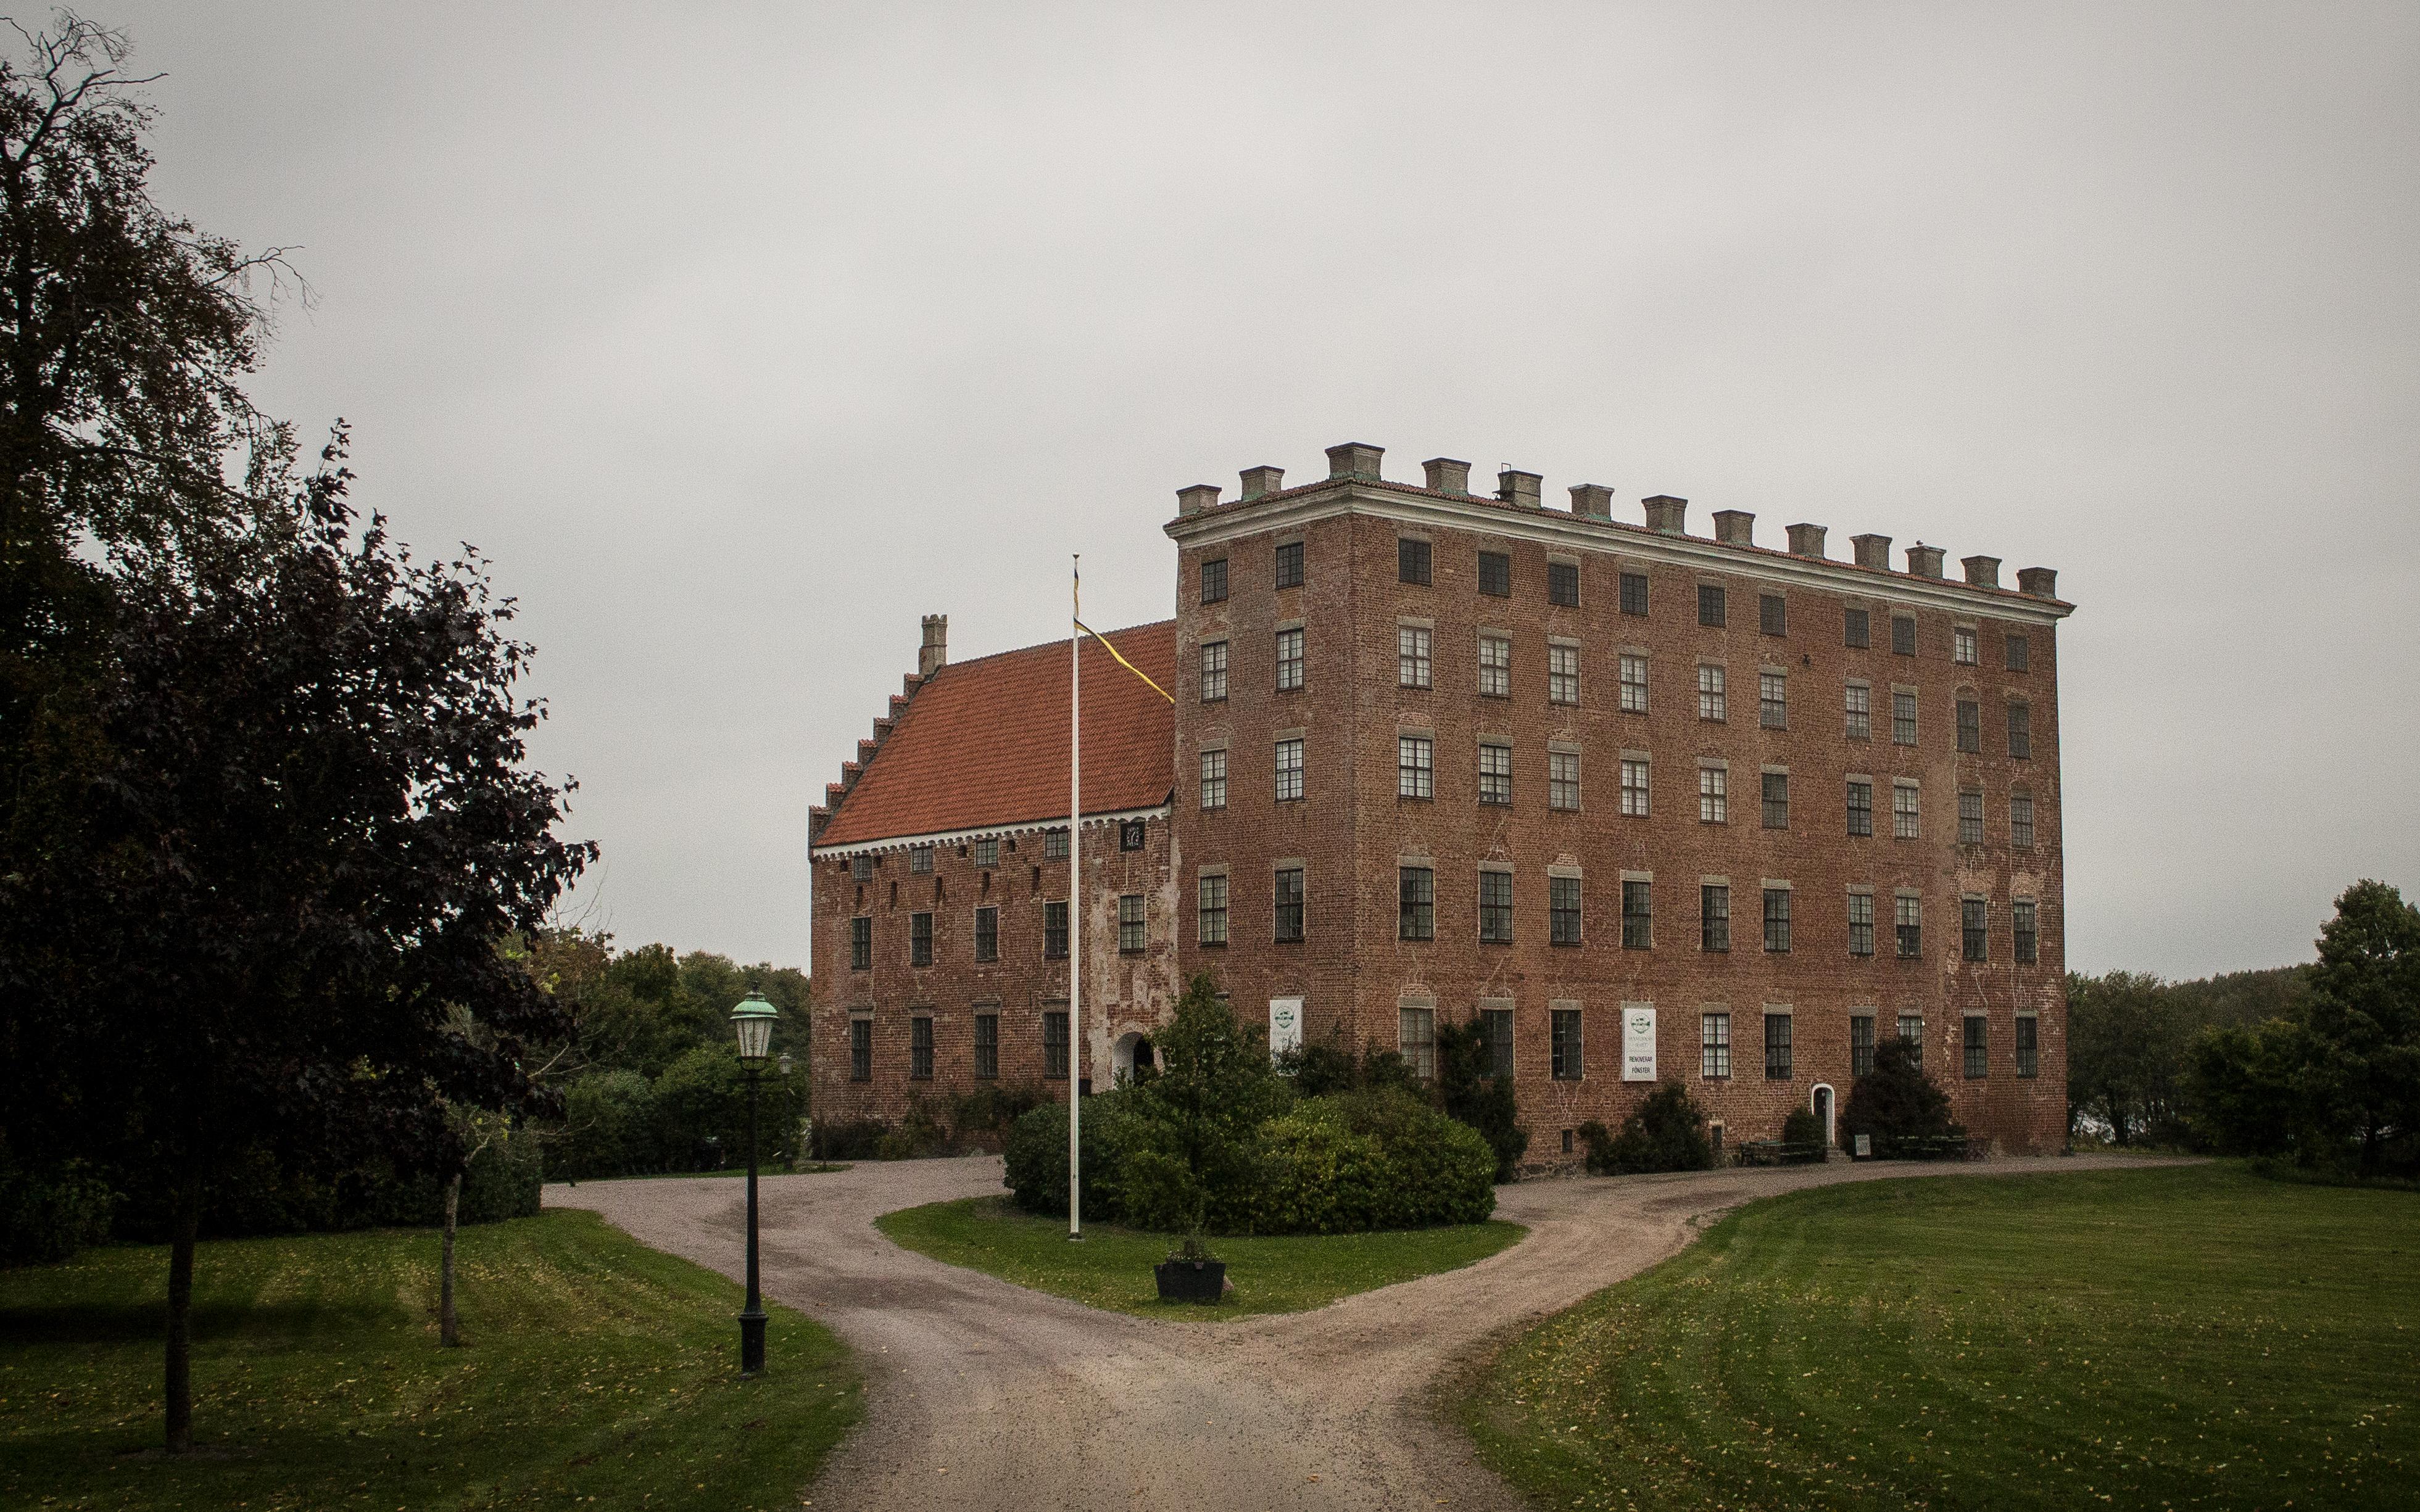 Det är inte bara det gamla som genomsyrar slottet, i år hölls tennisturneringen Svaneholm Open som lockade fler än 6000 besökare. FOTO: Ludvig Samuelsson